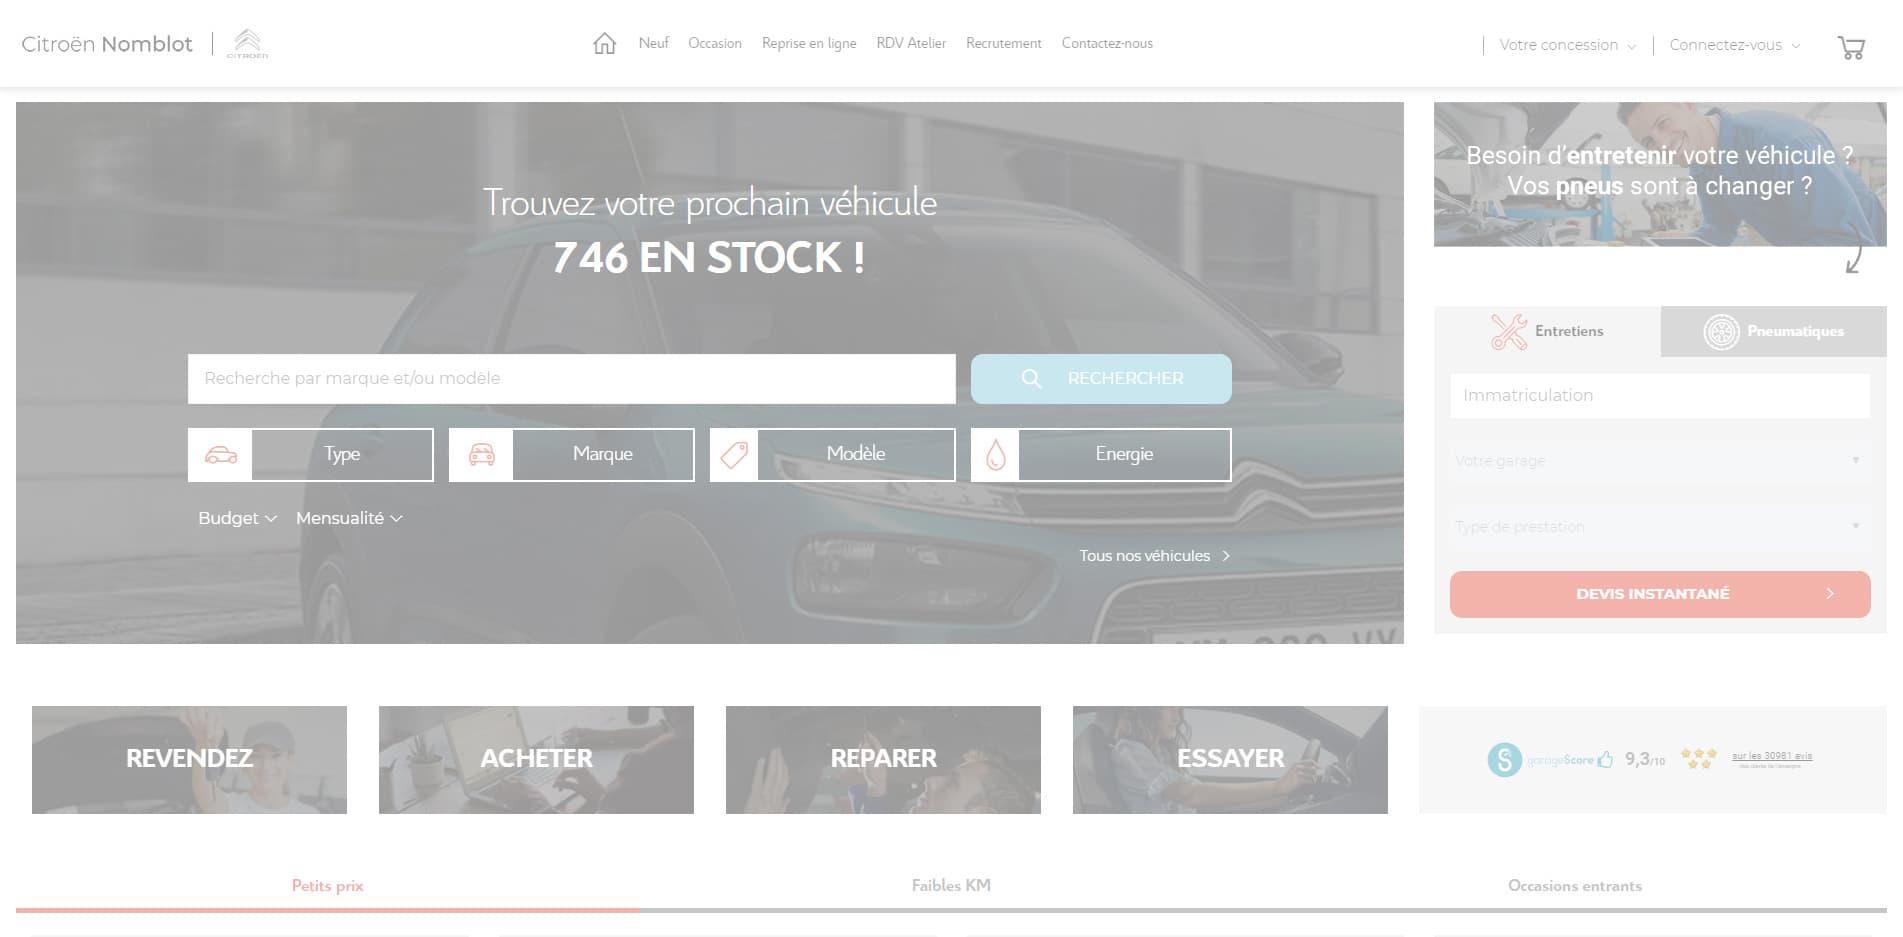 Citroën Nomblot : nouvelle concession du groupe Nomblot